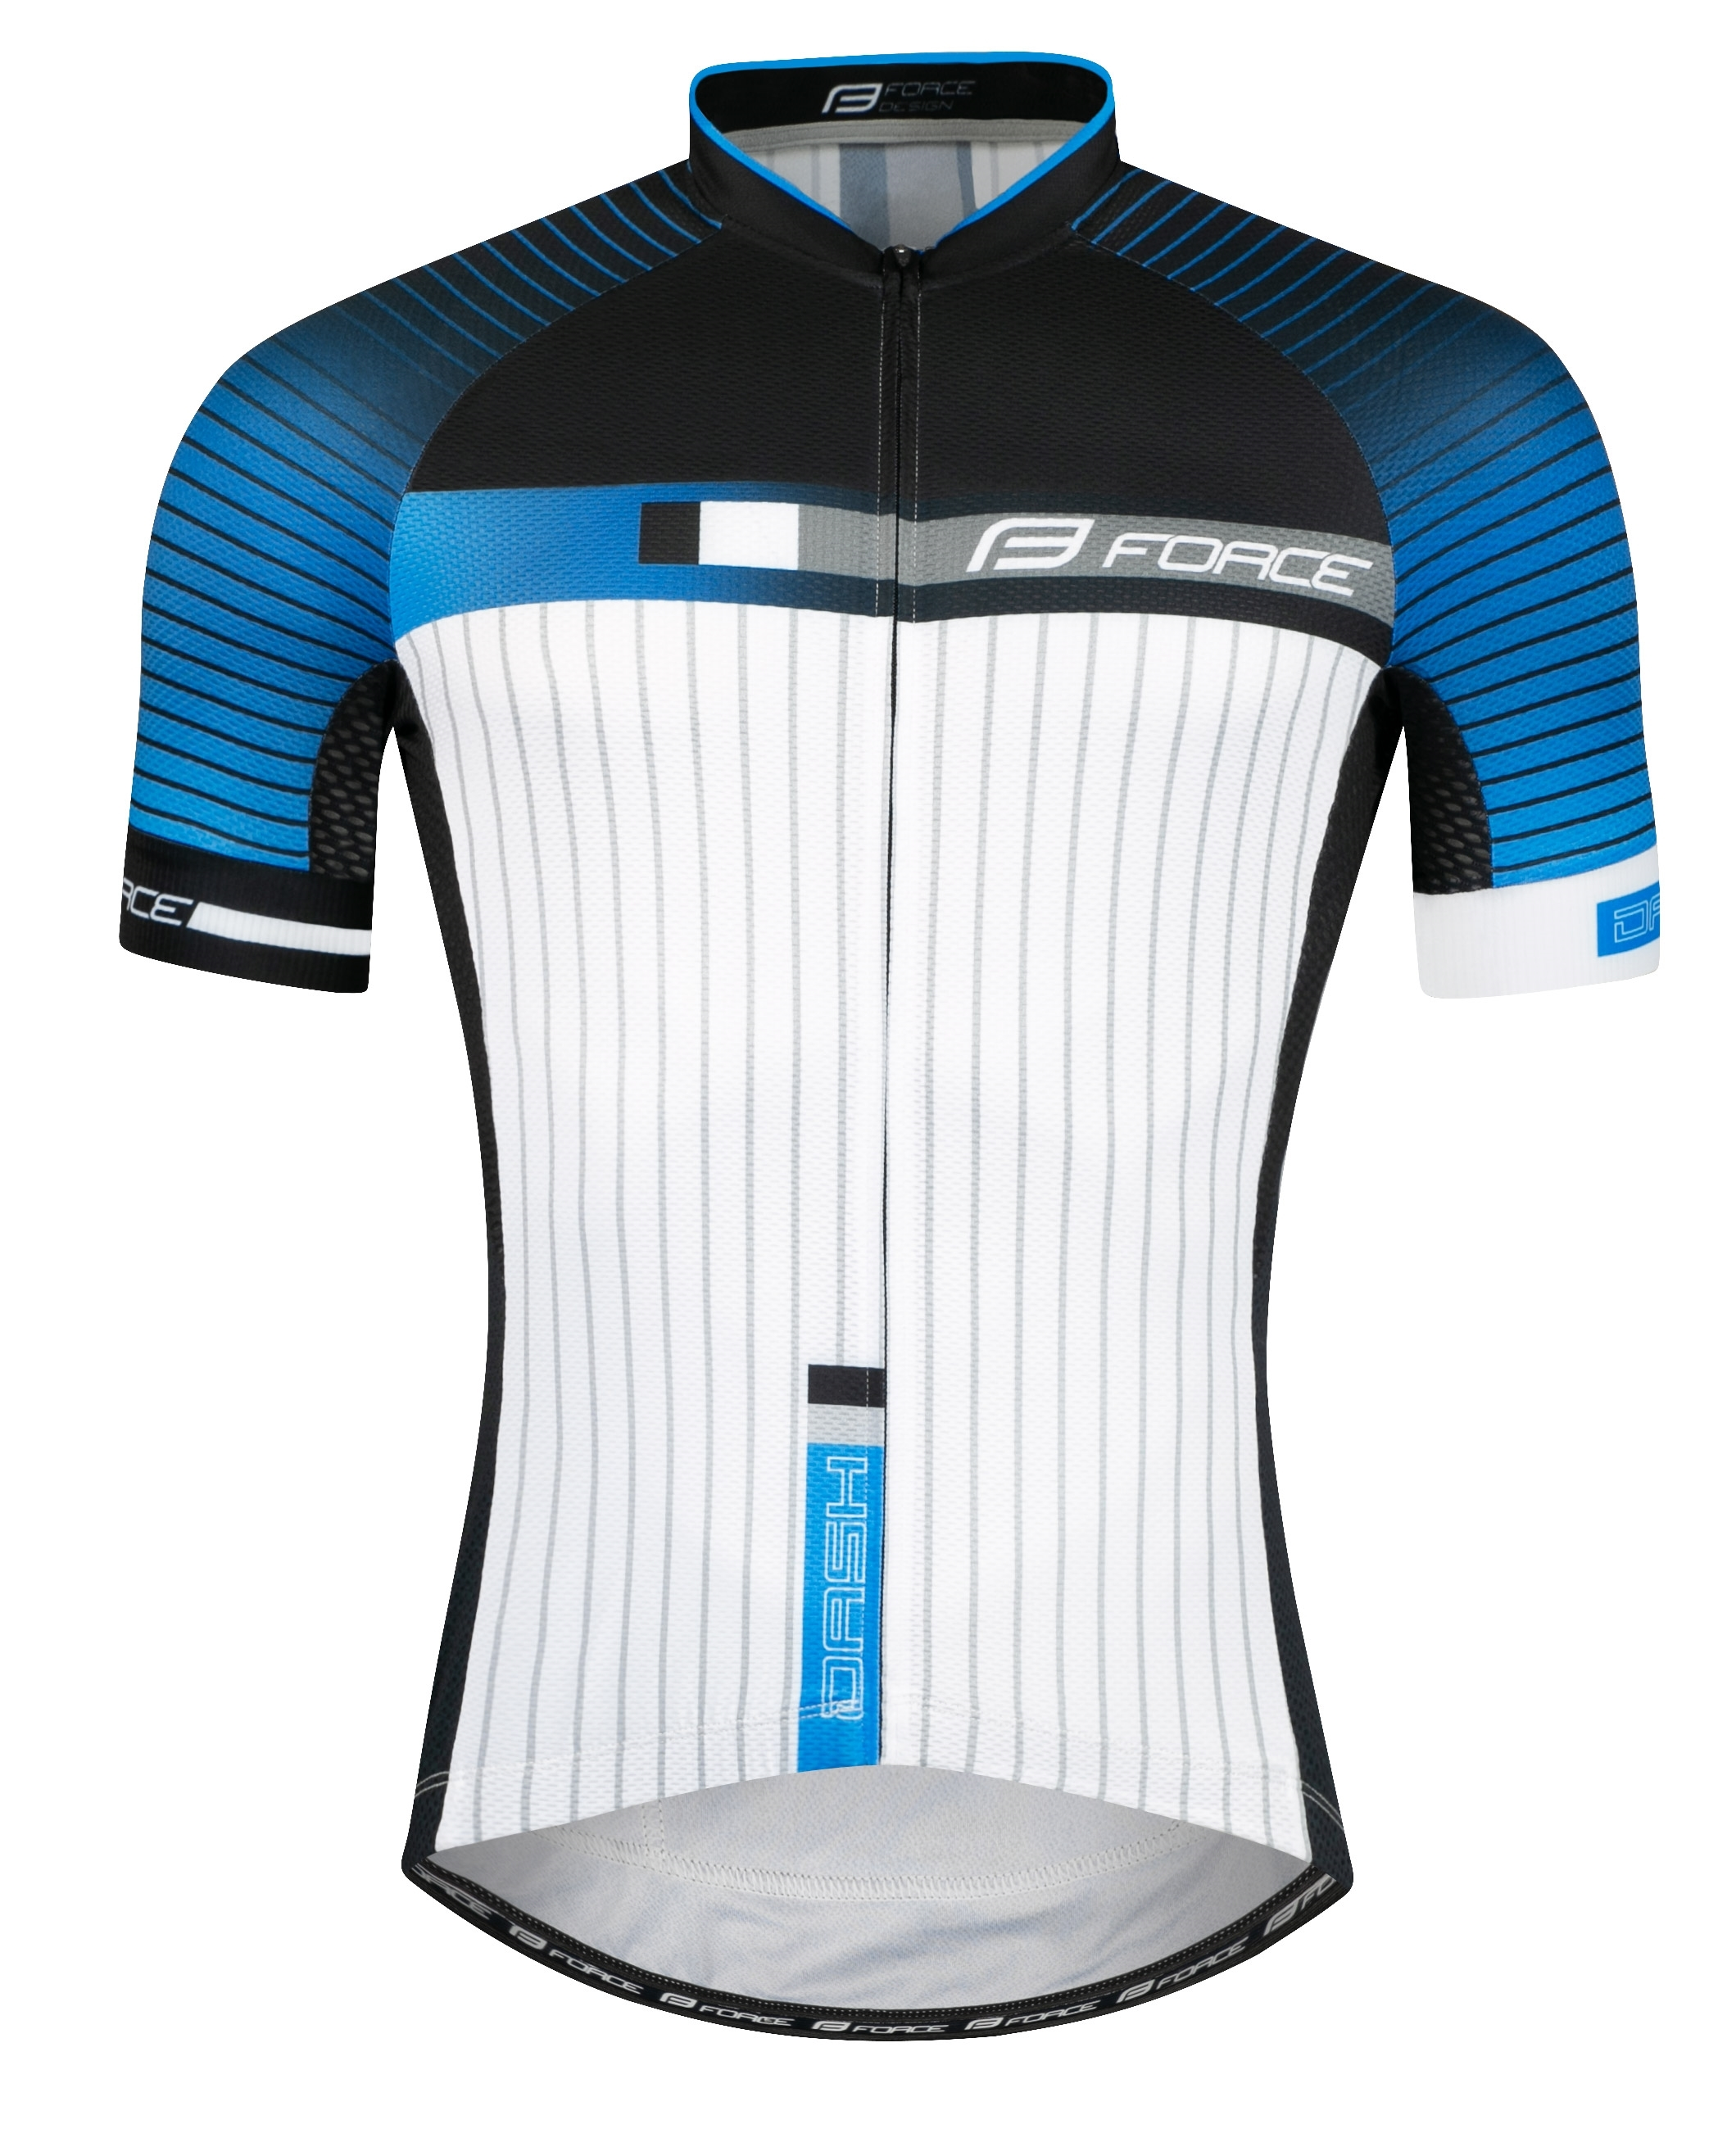 dres FORCE DASH krátký rukáv,modro-černo-bílý XXL